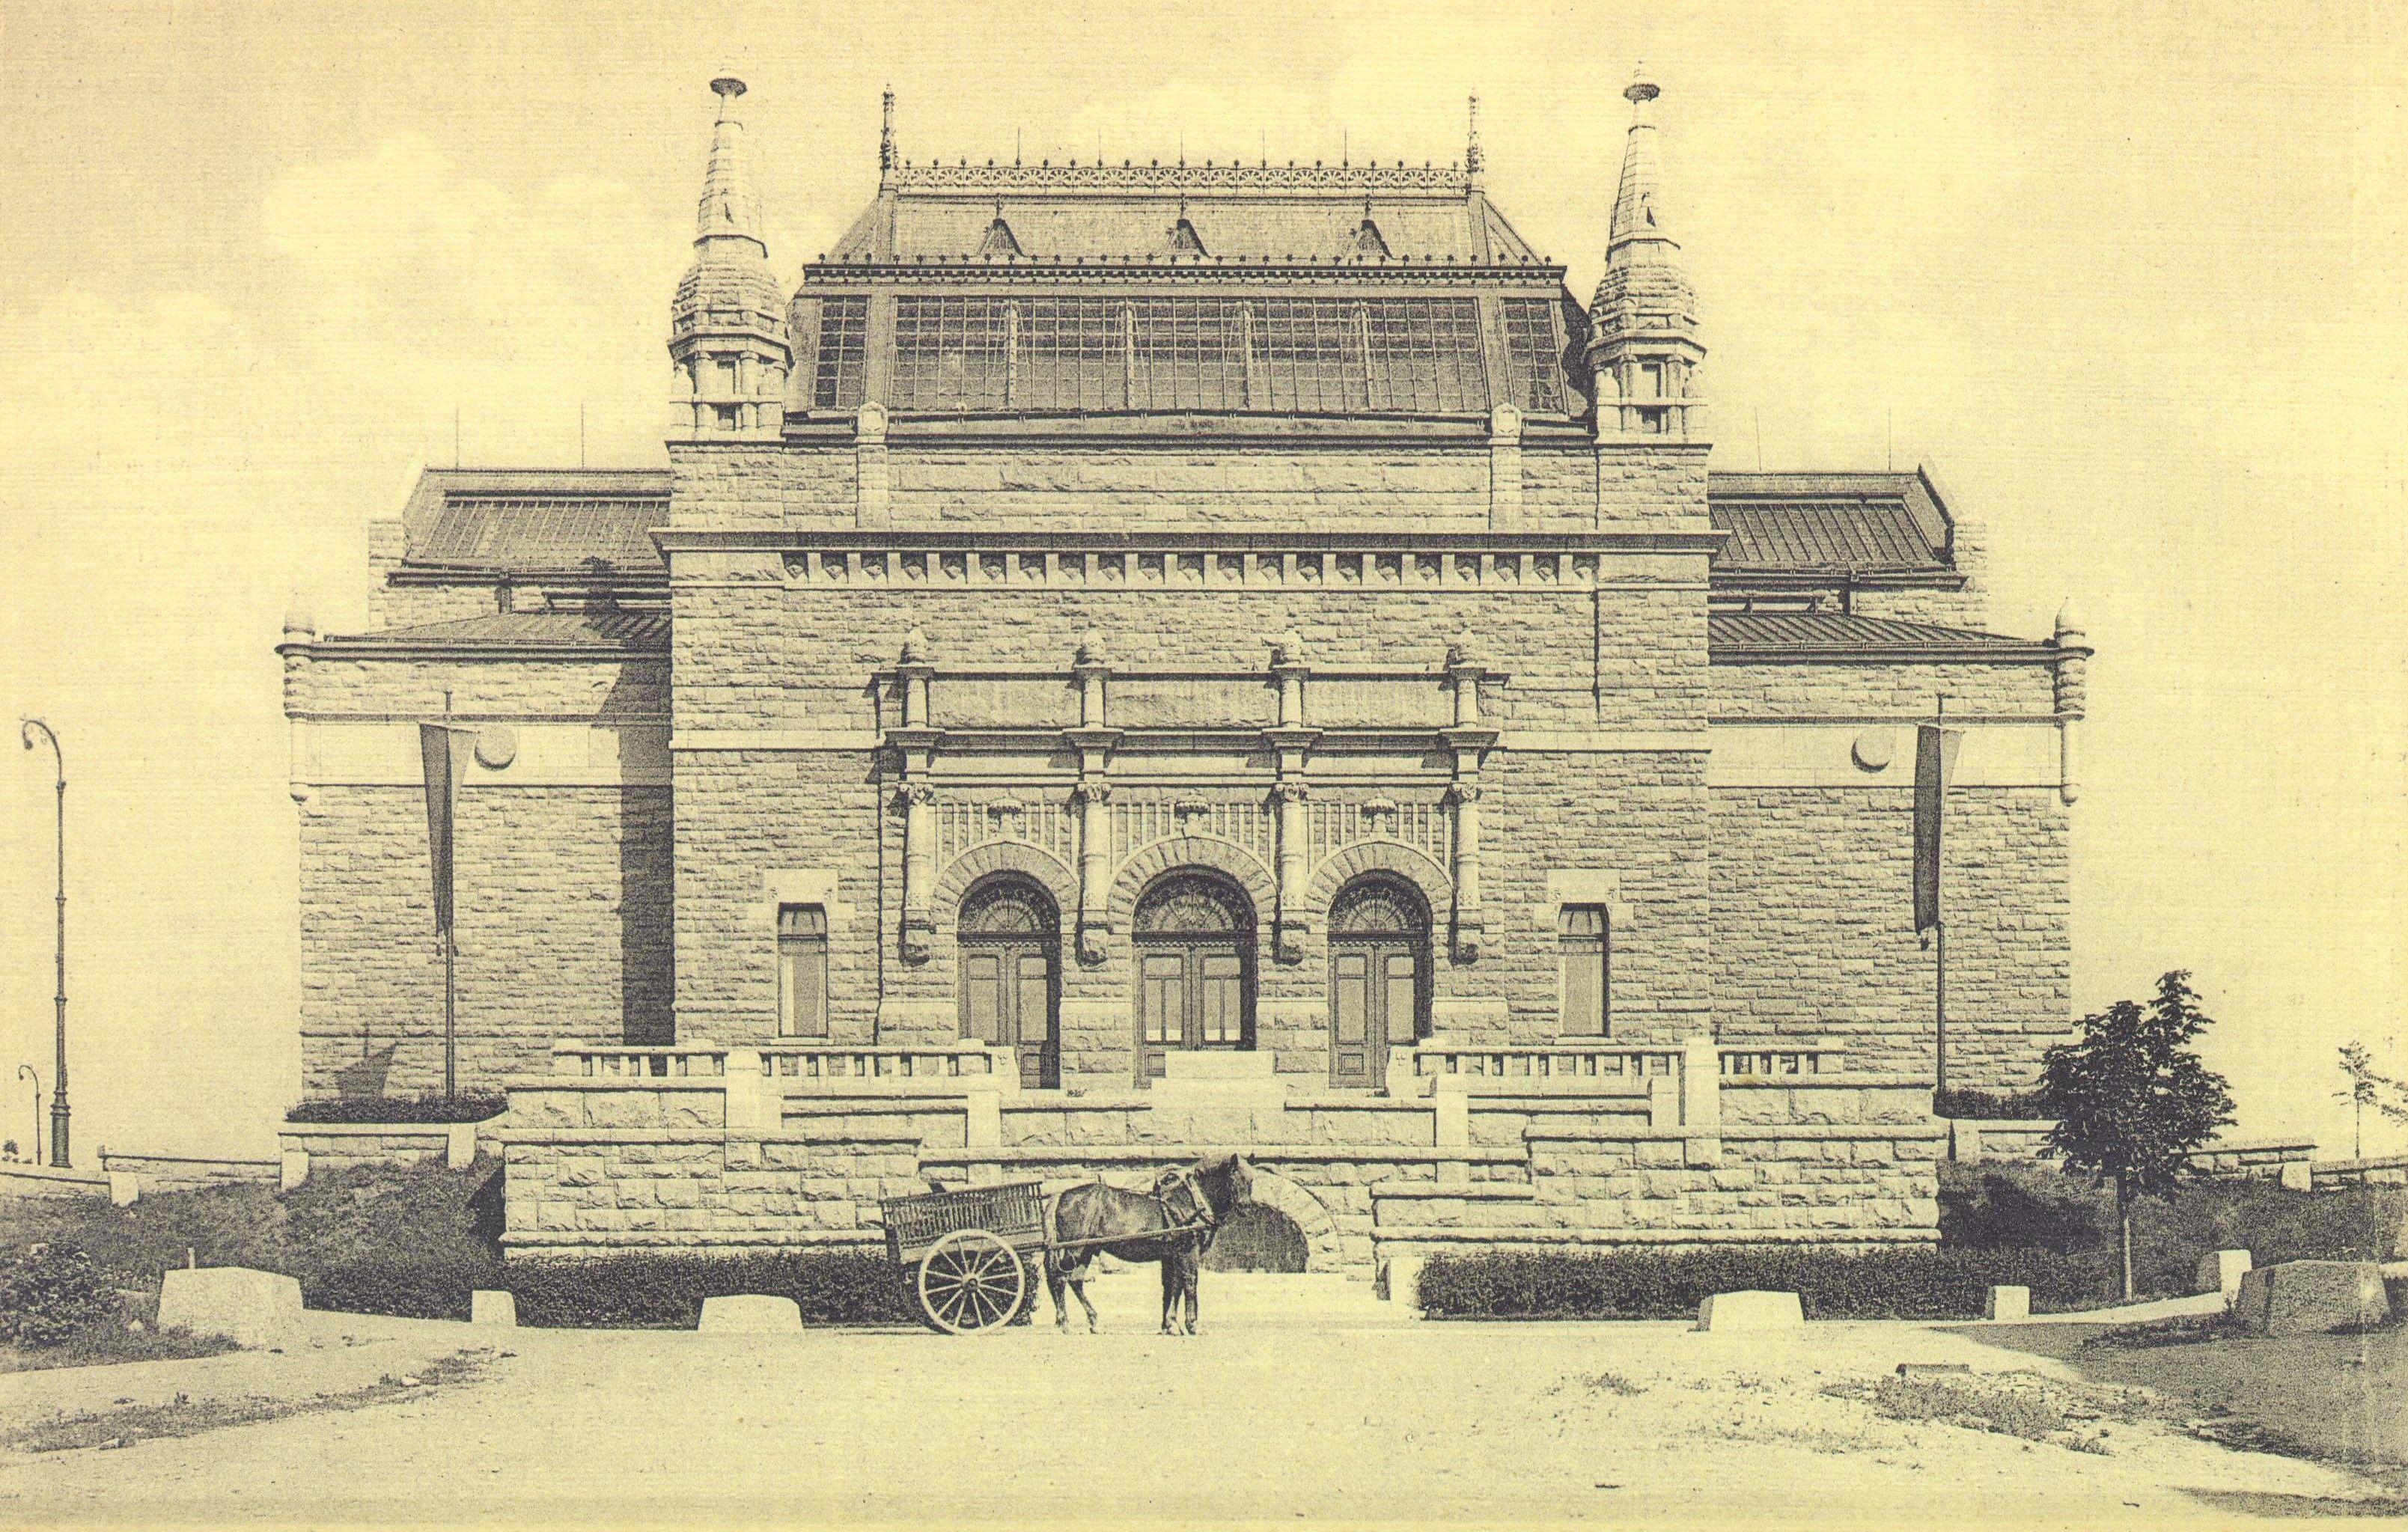 1900-luvun alun postikorttikuva vastavalmistuneesta taidemuseosta. Kuva: Rauno Lahtinen.